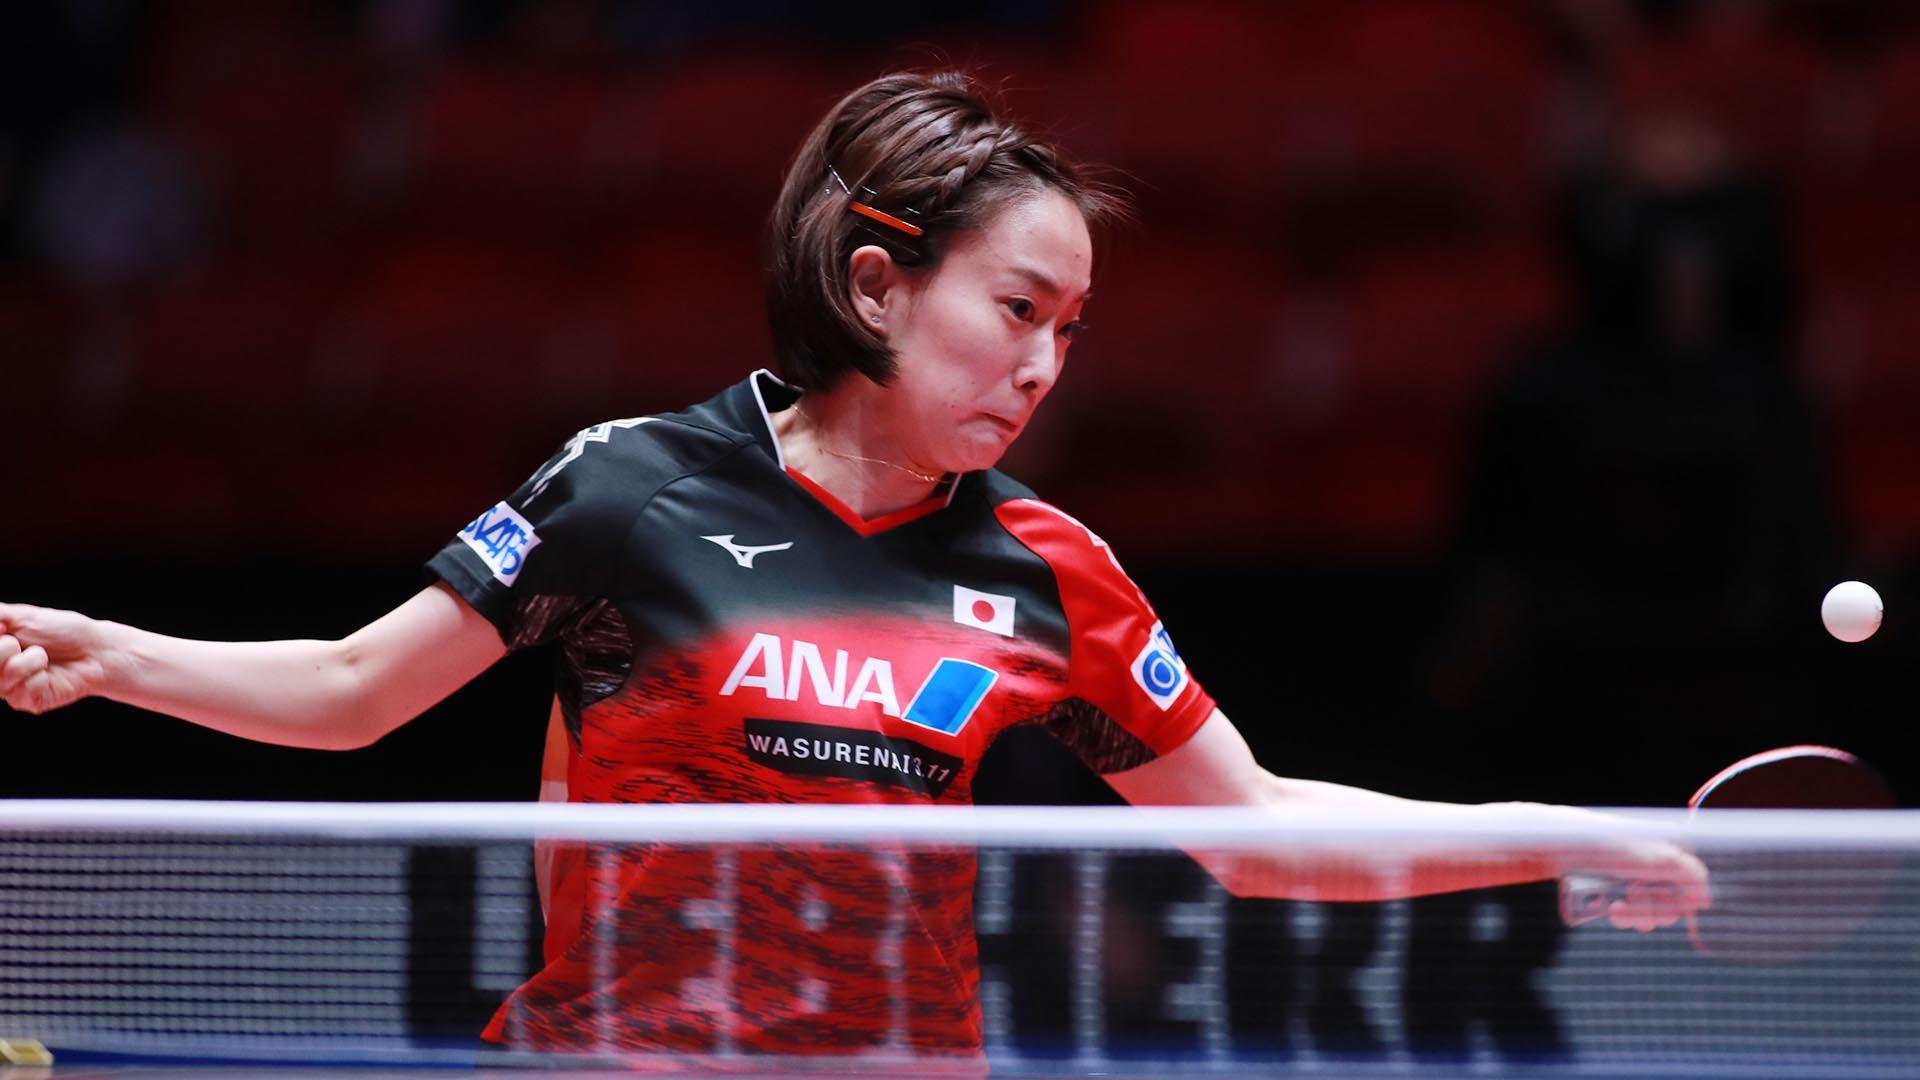 Japan Wins Historic Duel Kasumi Ishikawa Steadfast International Table Tennis Federation Table Tennis Japan Federation